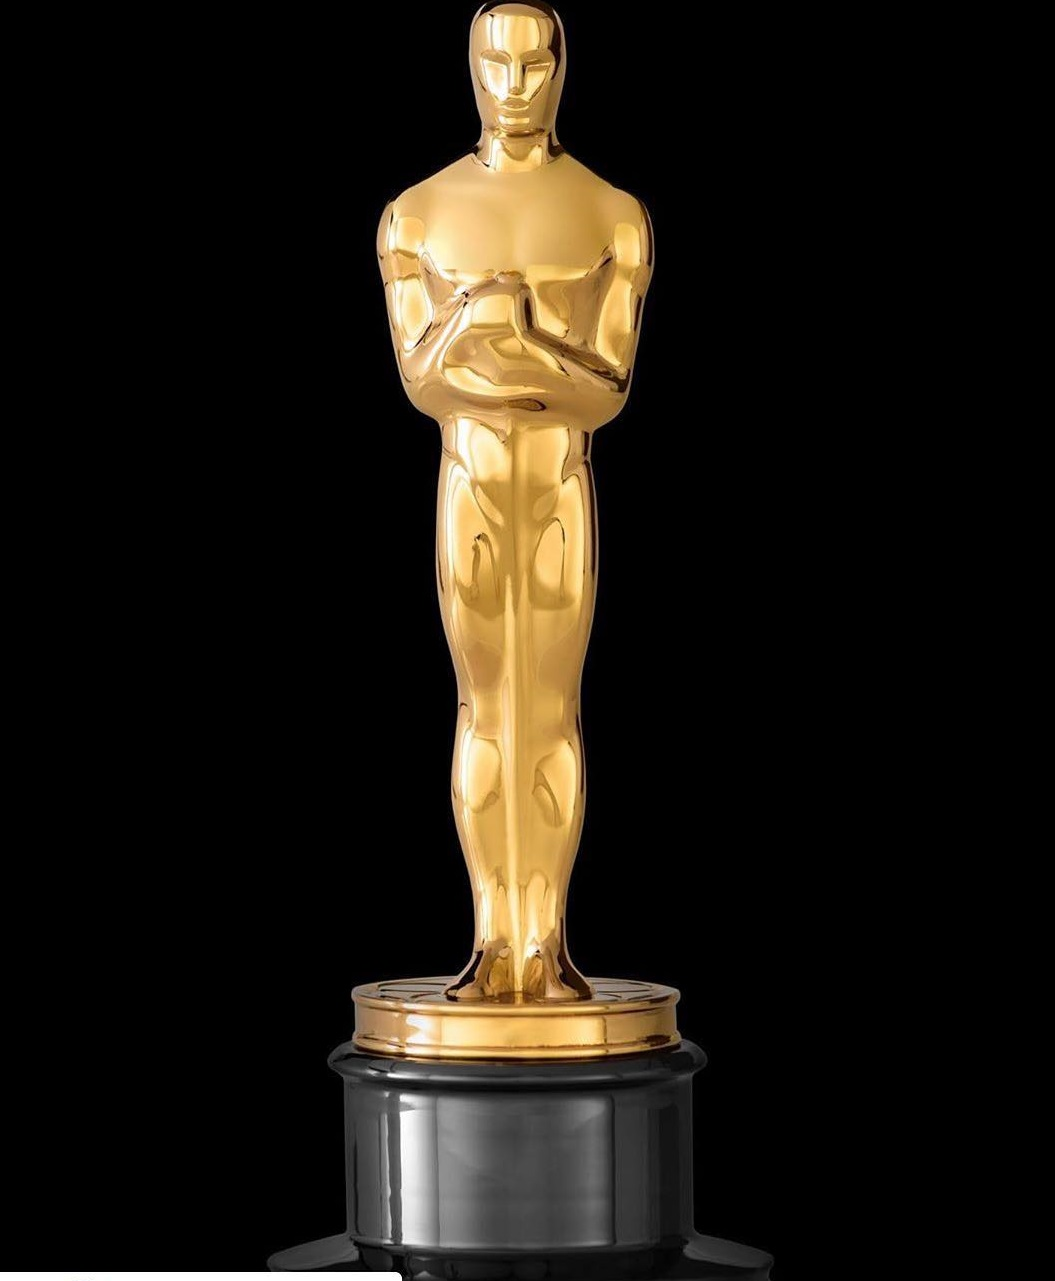 Оскар-2019: Названы победители самой престижной кинопремии мира